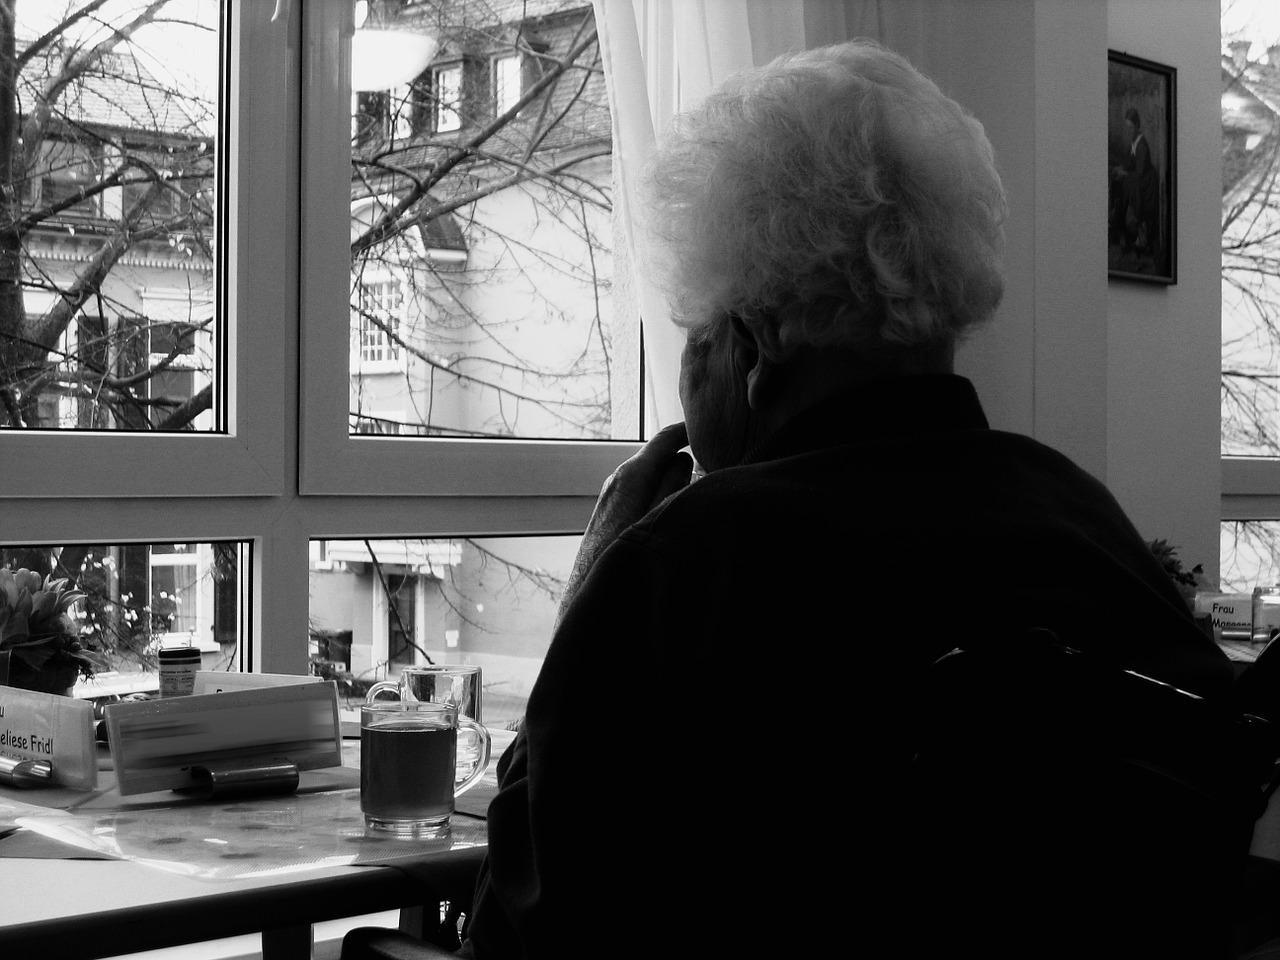 無法就近照顧年長父母,遠距離看護有哪些訣竅?